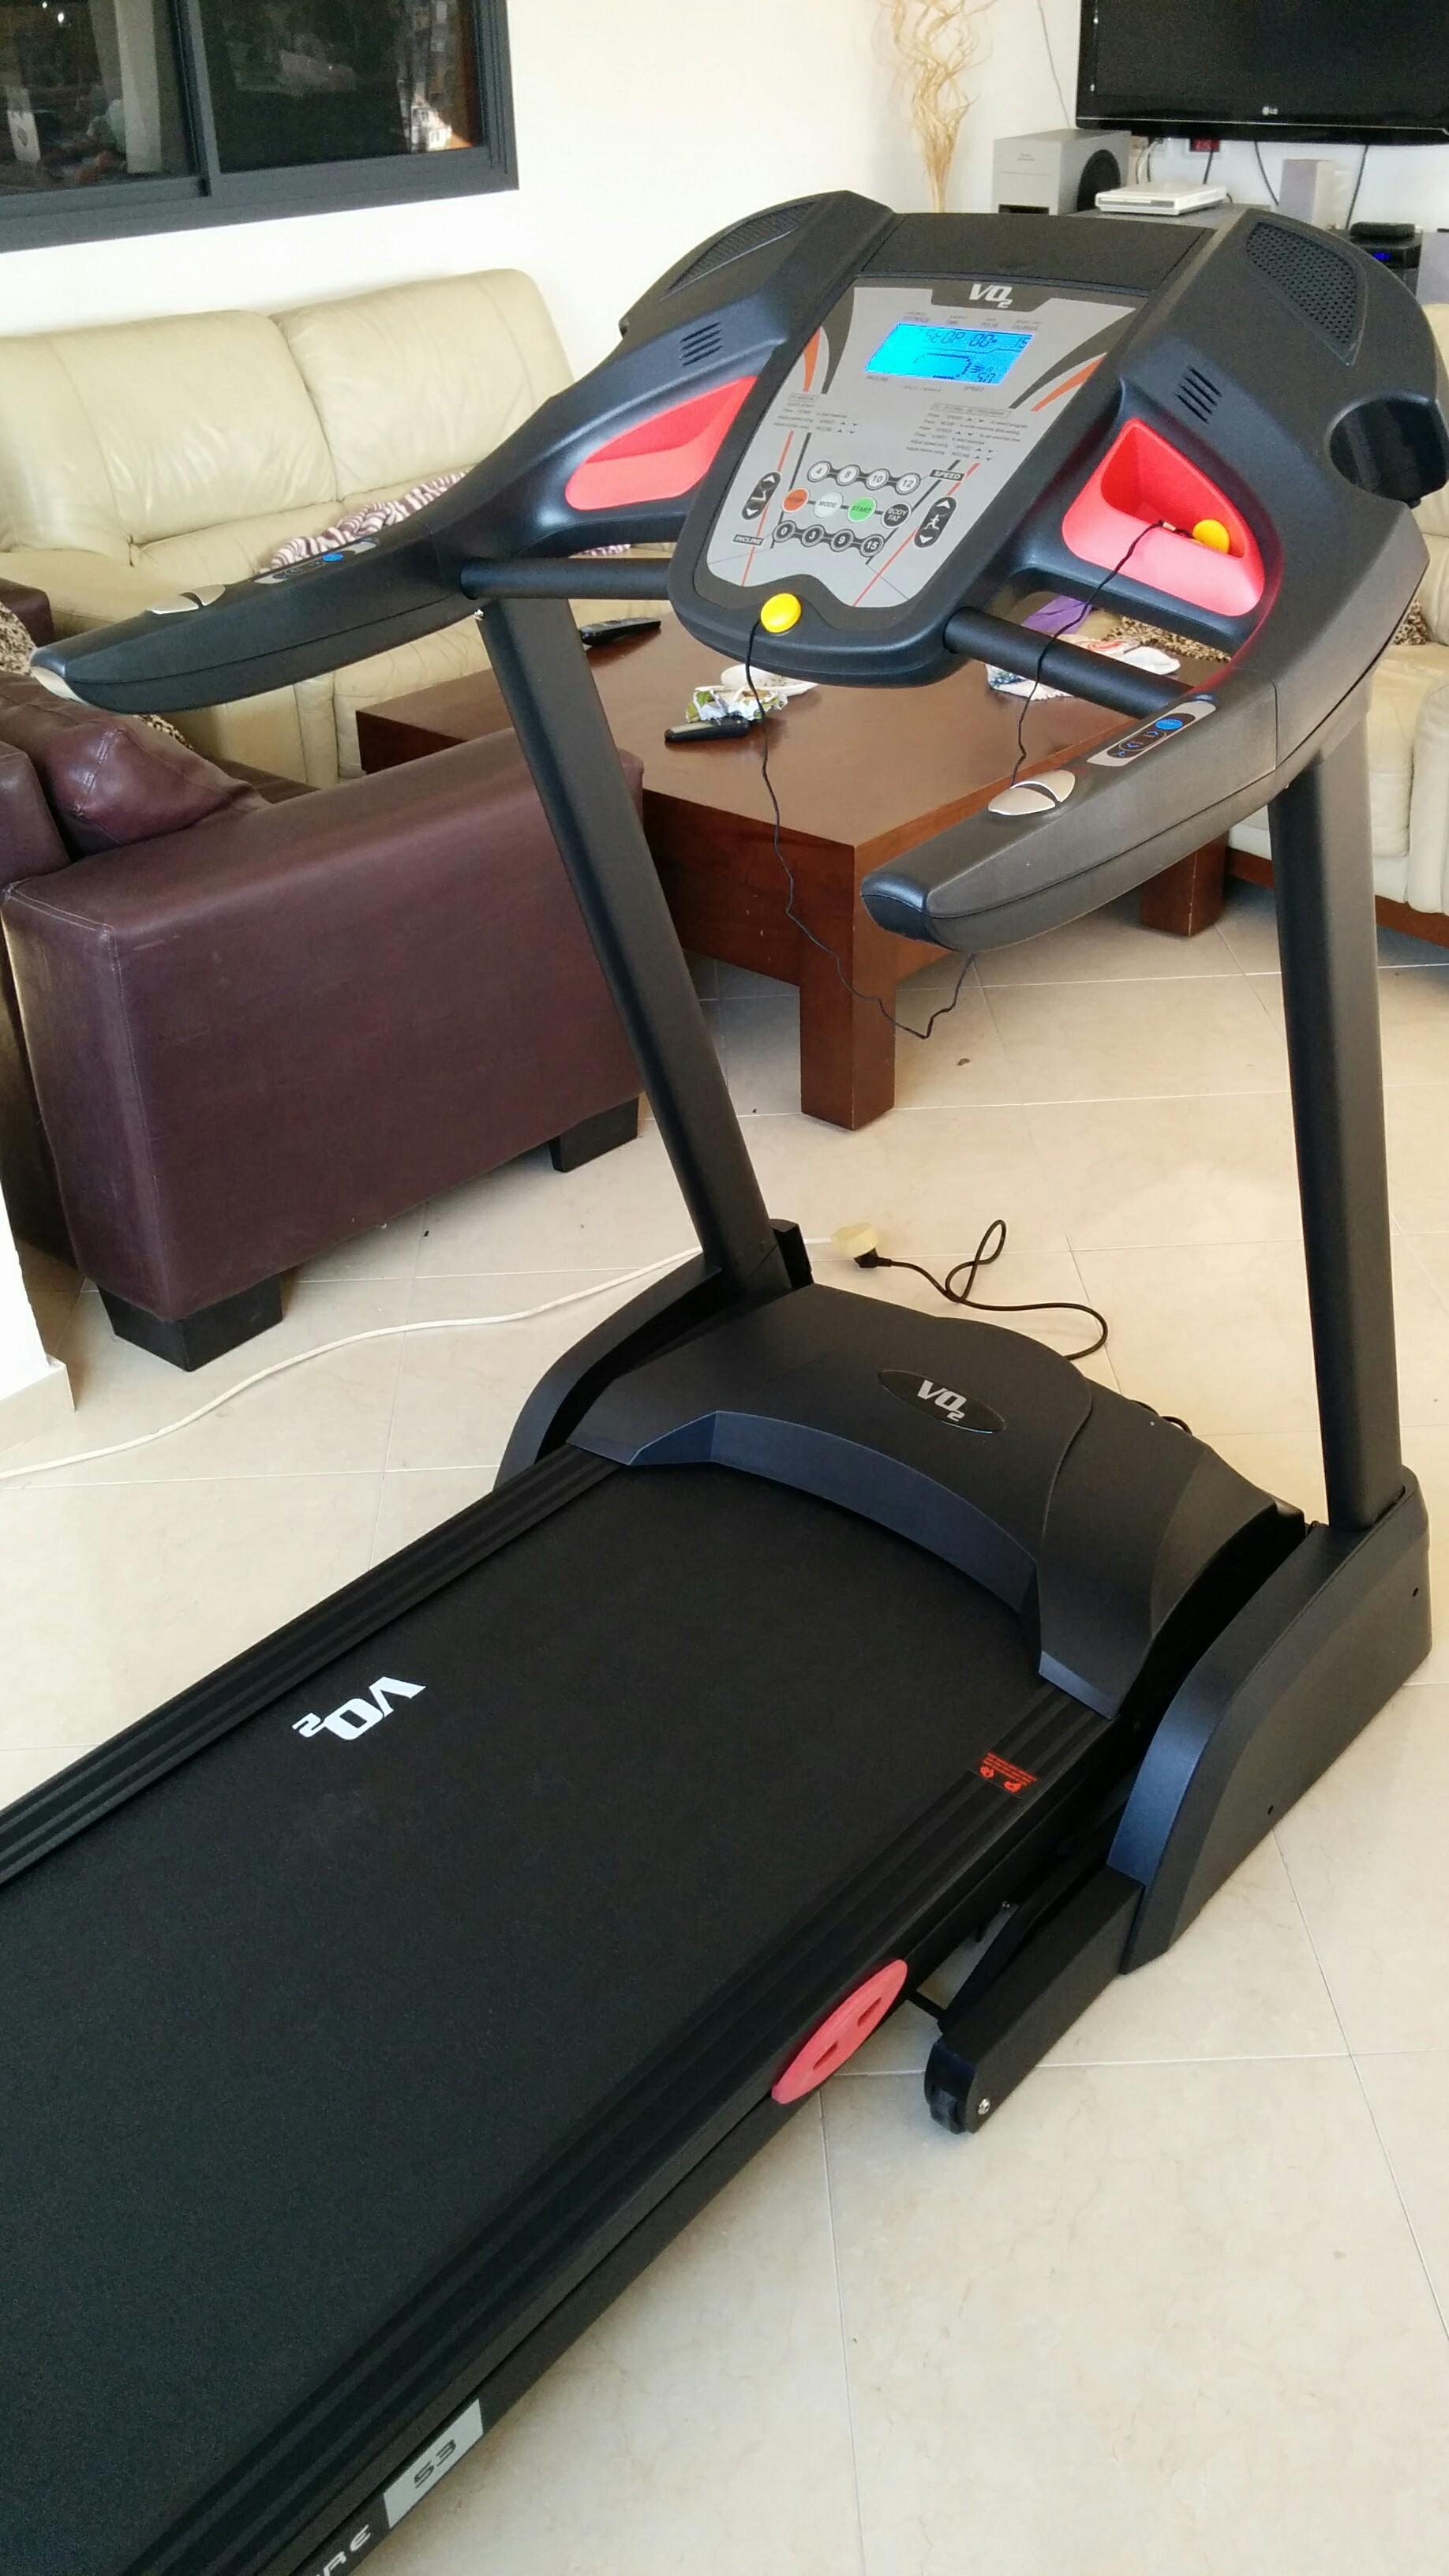 נפלאות חנות מוצרי ספורט - מכשירי כושר ביתיים, מסלולי ריצה, בריכות אינטקס DV-78